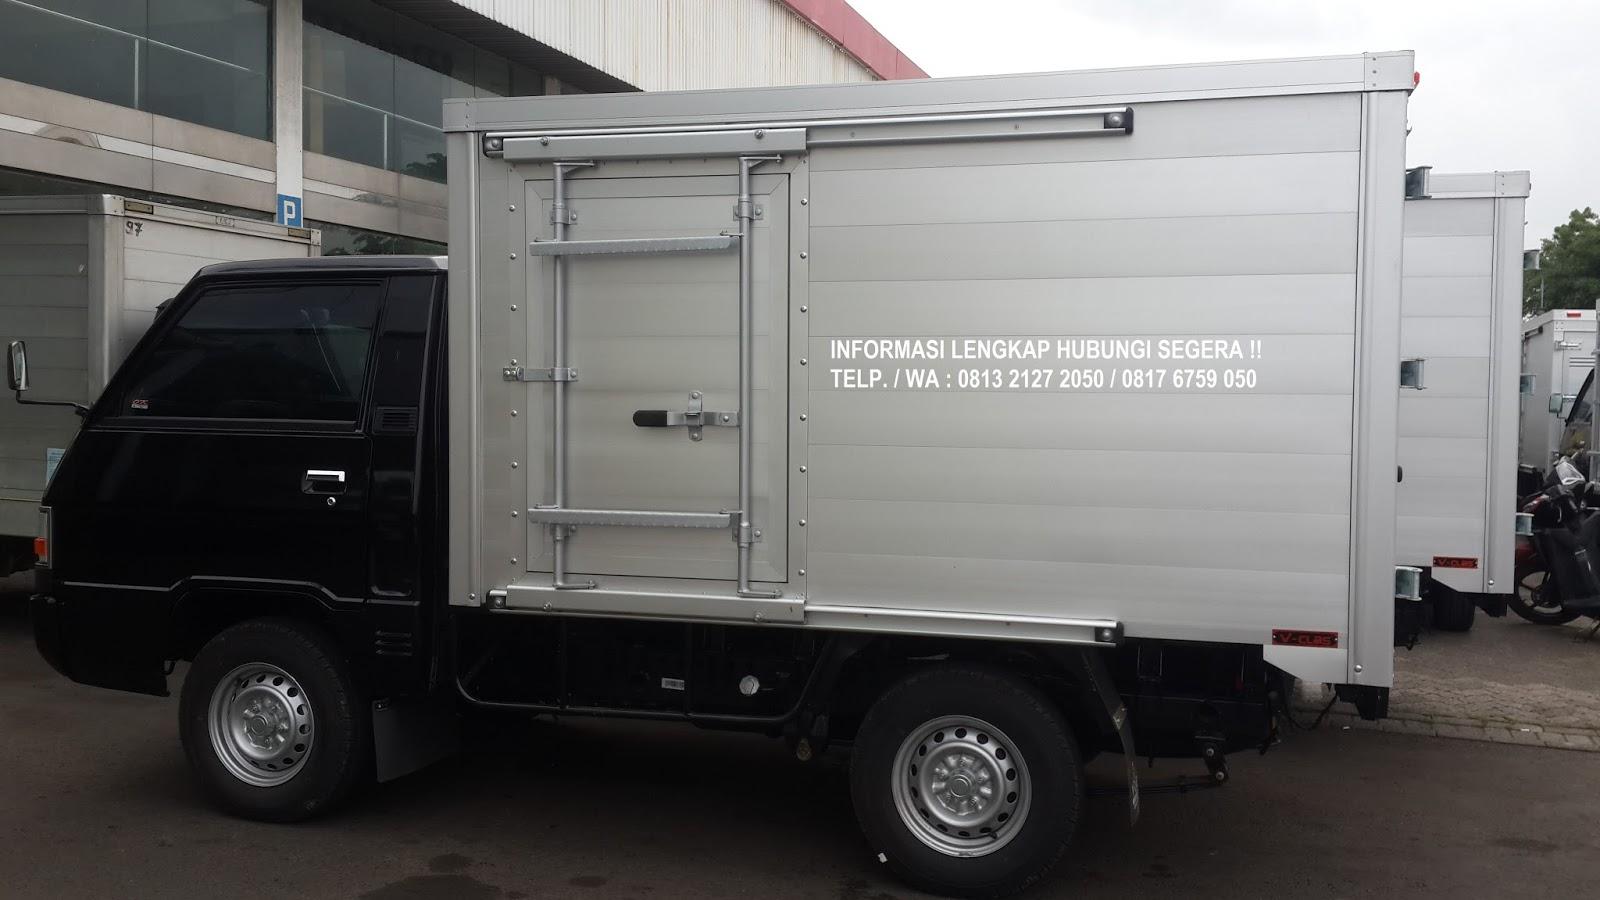 Harga Mobil Box Alumunium Colt L300 New Colt L300 Box Alumunium 2020 Harga Colt L300 Box Alumunium 2020 Pt Srikandi Diamond Motors